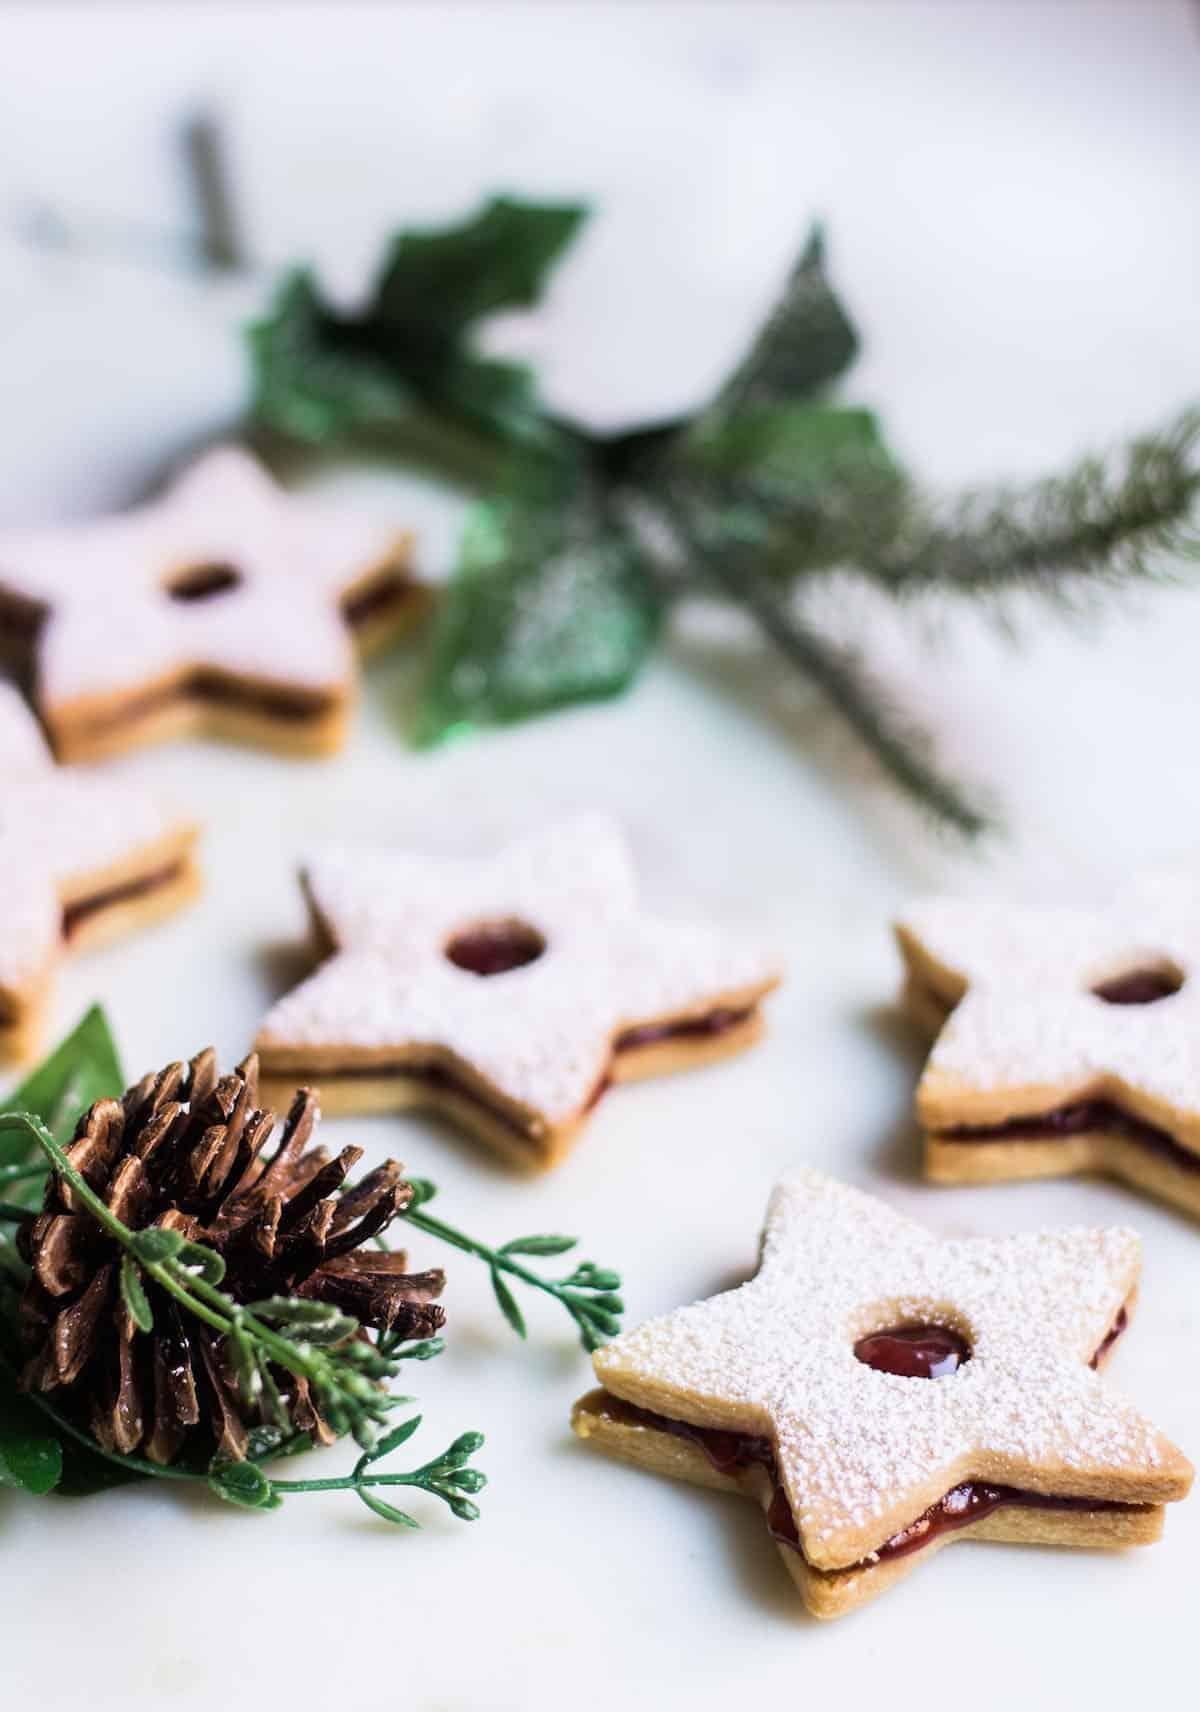 Linzer Cookies made with almond flour and strawberry jam. Recipe via MonPetitFour.com